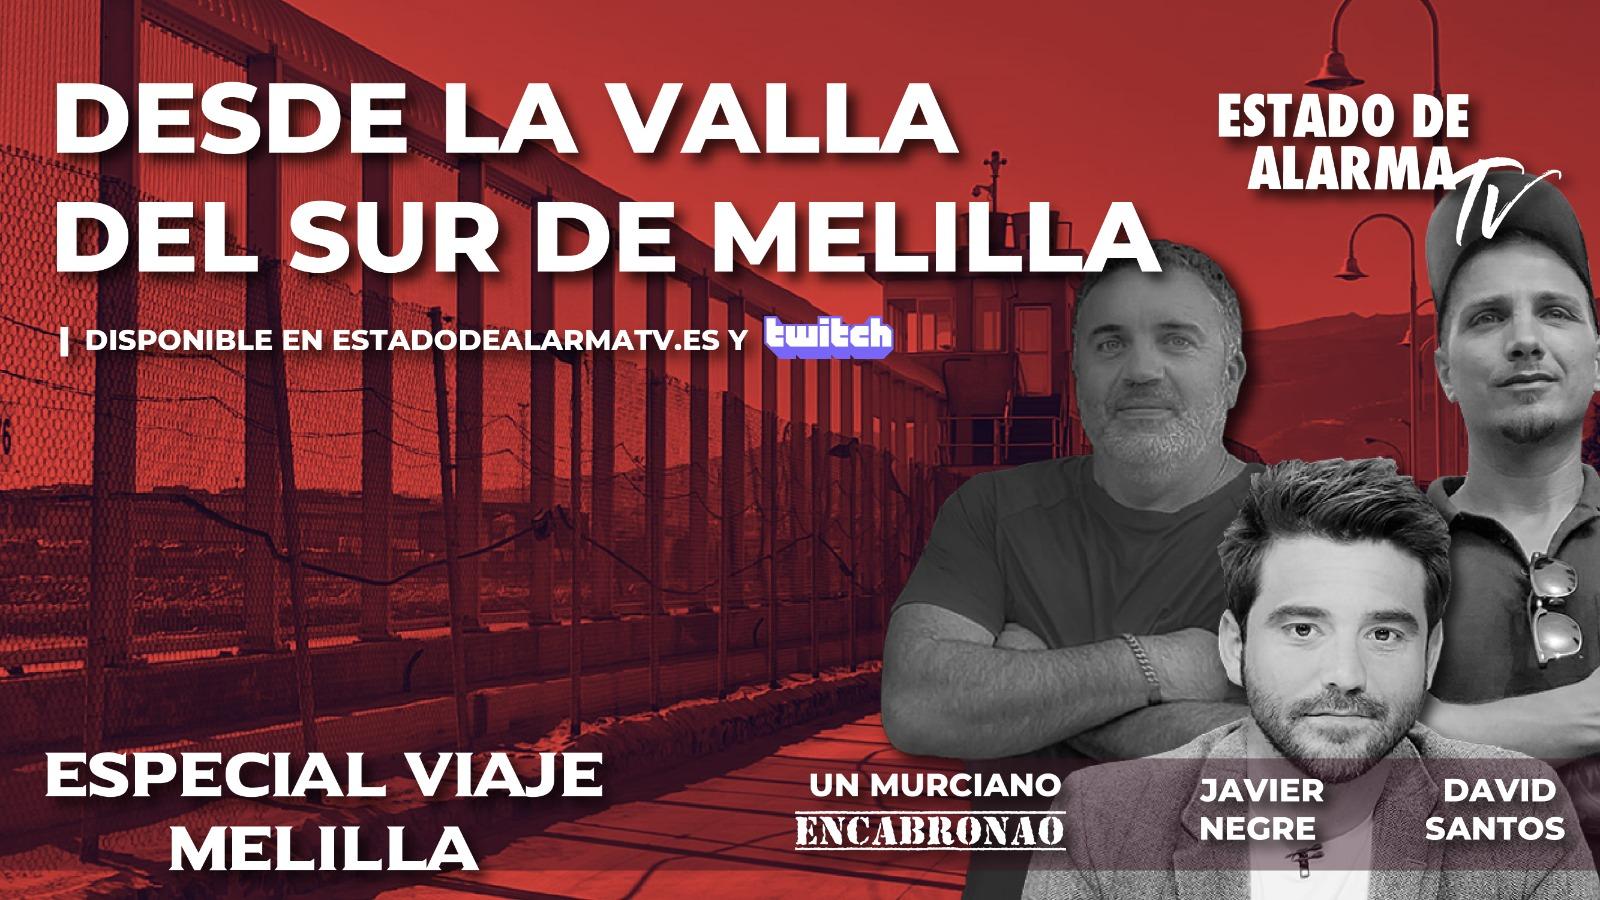 EN DIRECTO | Desde la valla del sur de Melilla con Negre, Murciano Encabronado y David Santos